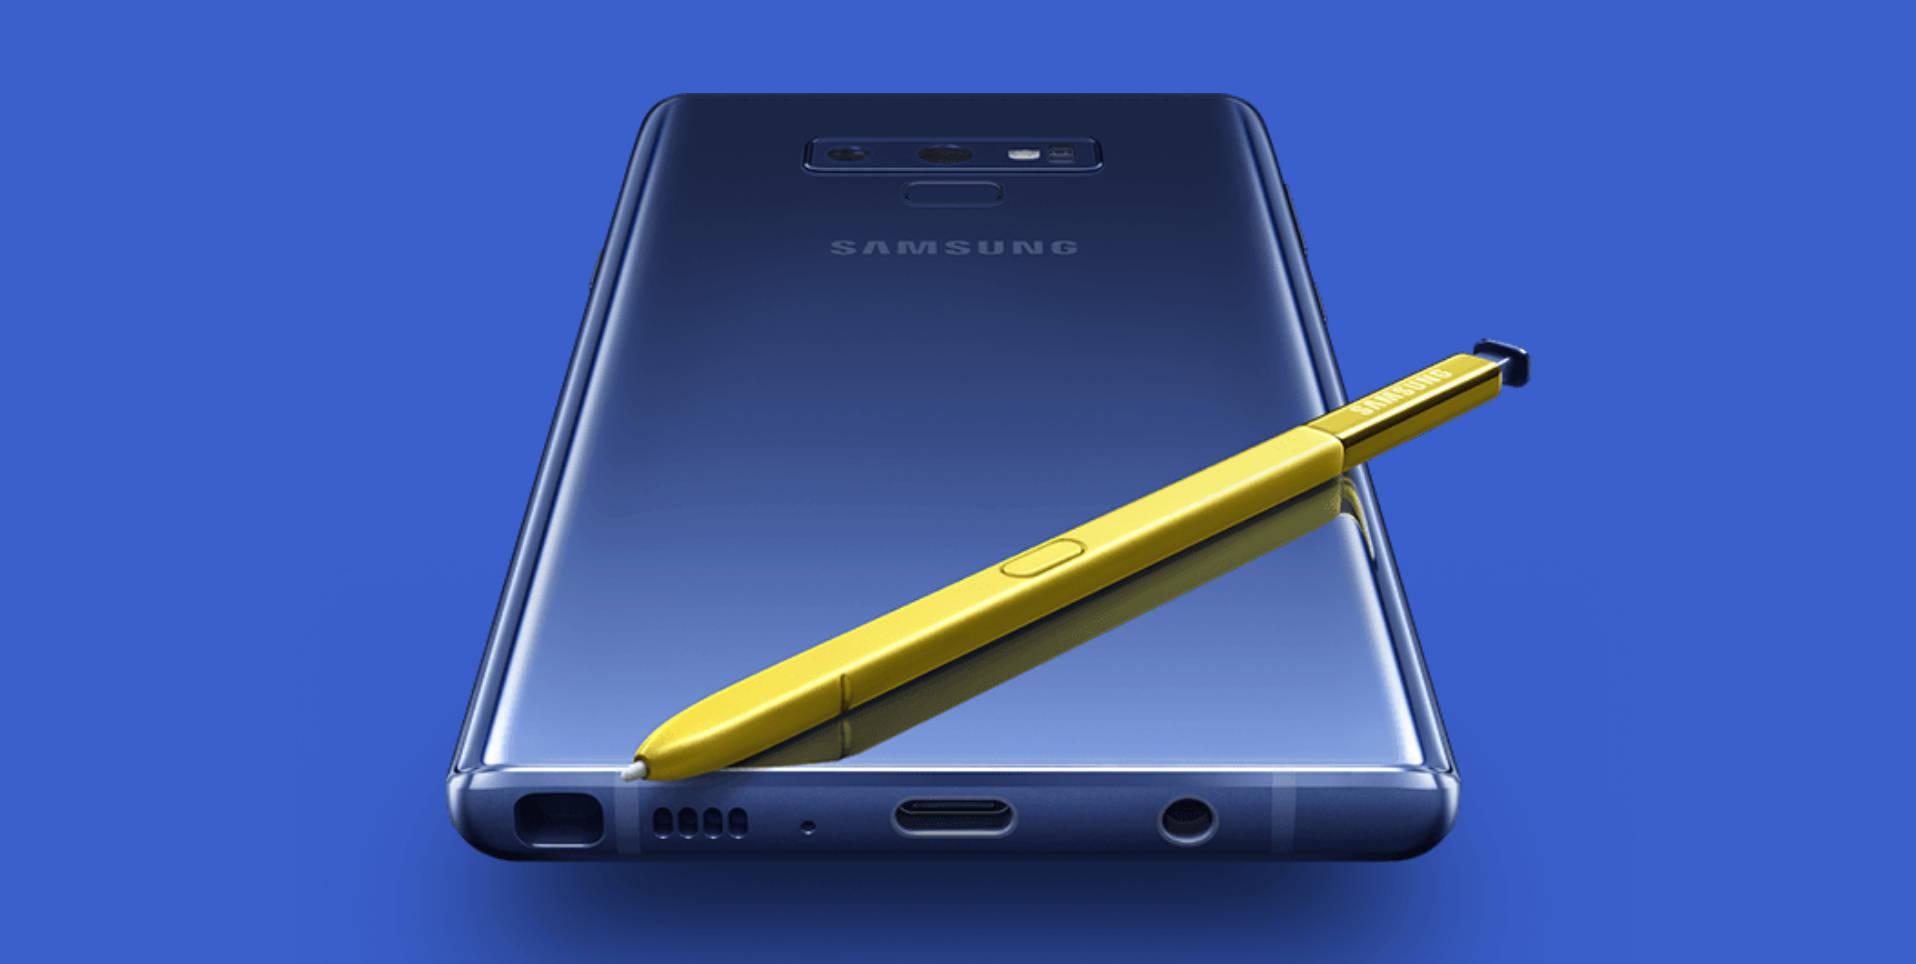 Samsung Galaxy Note 9 benchmarki wydajność iPhone X Apple A11 Bionic smartfony test One UI 2.0 beta